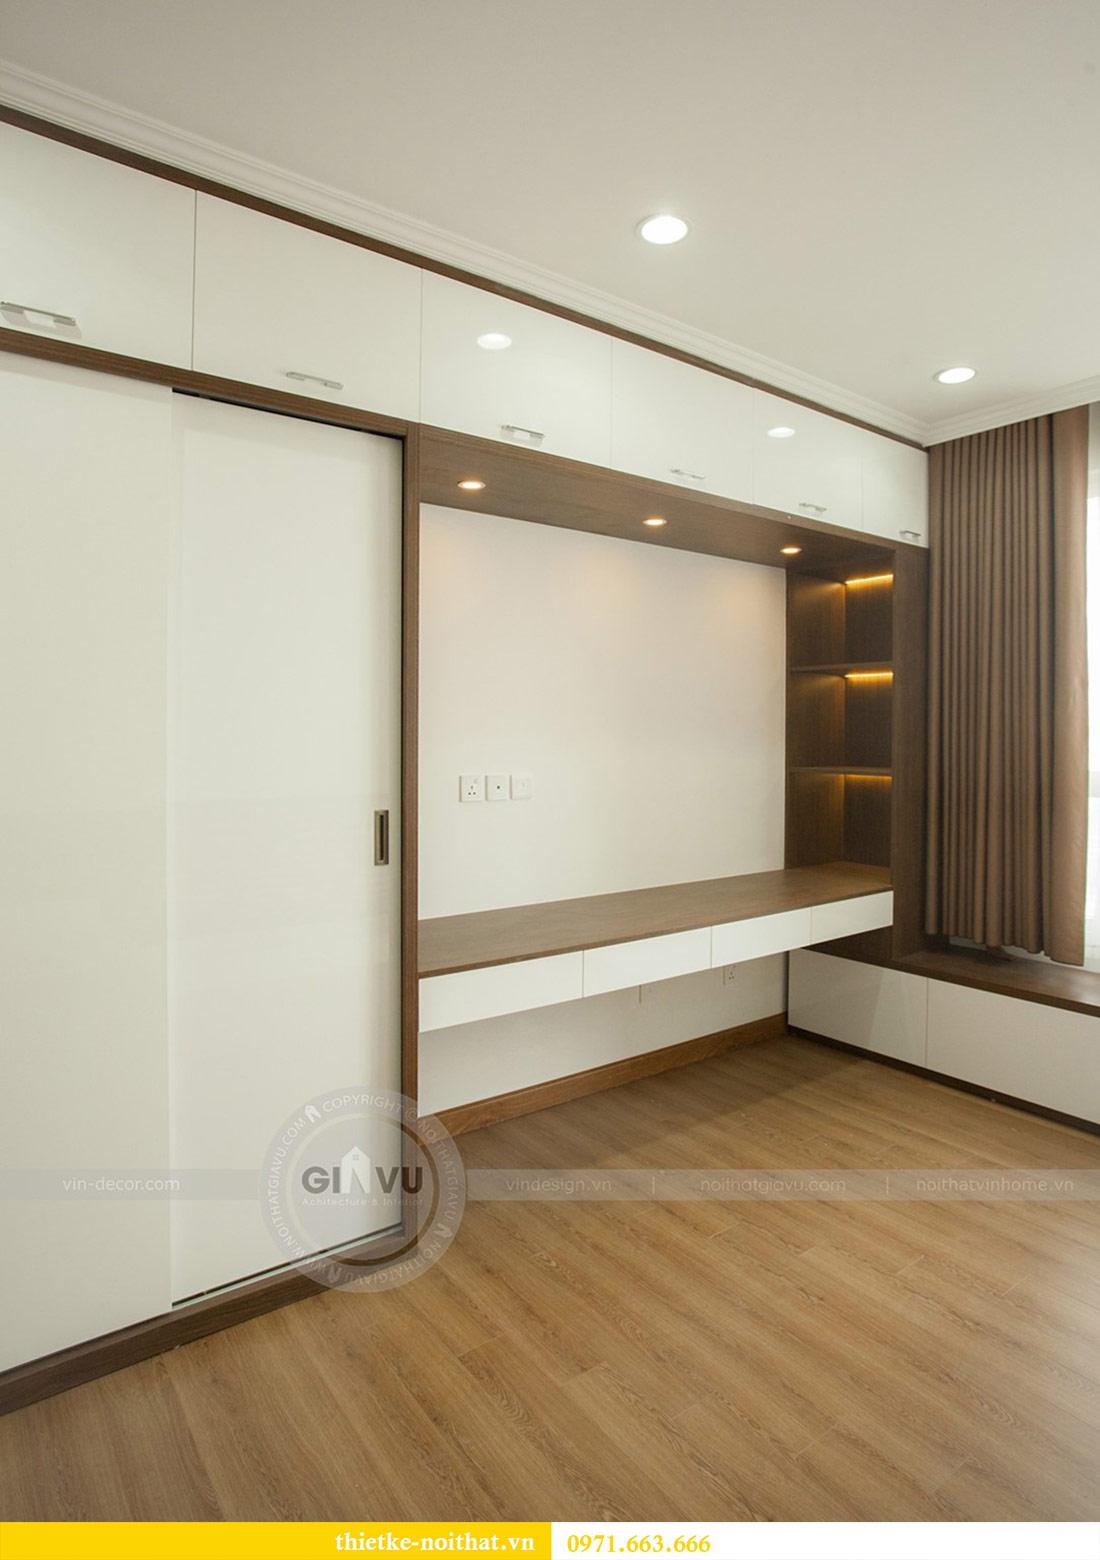 Thi công nội thất chung cư Seasons Avenue tòa S3 căn 01 - anh Bách 17